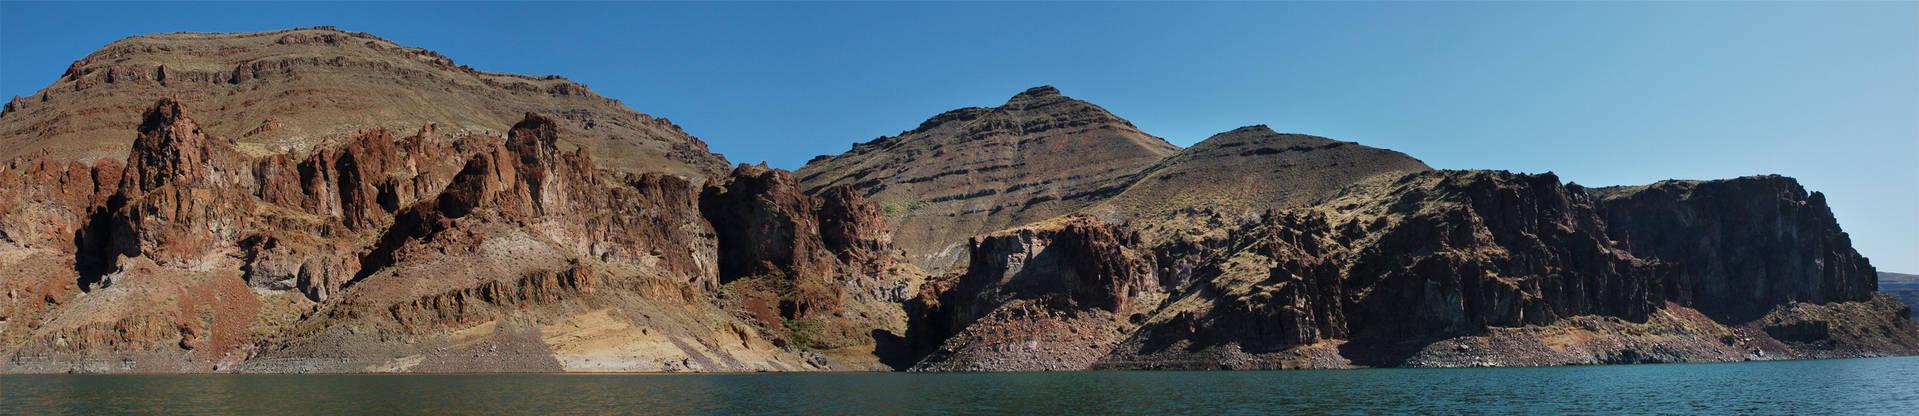 Lake Owyhee Red Cliffs